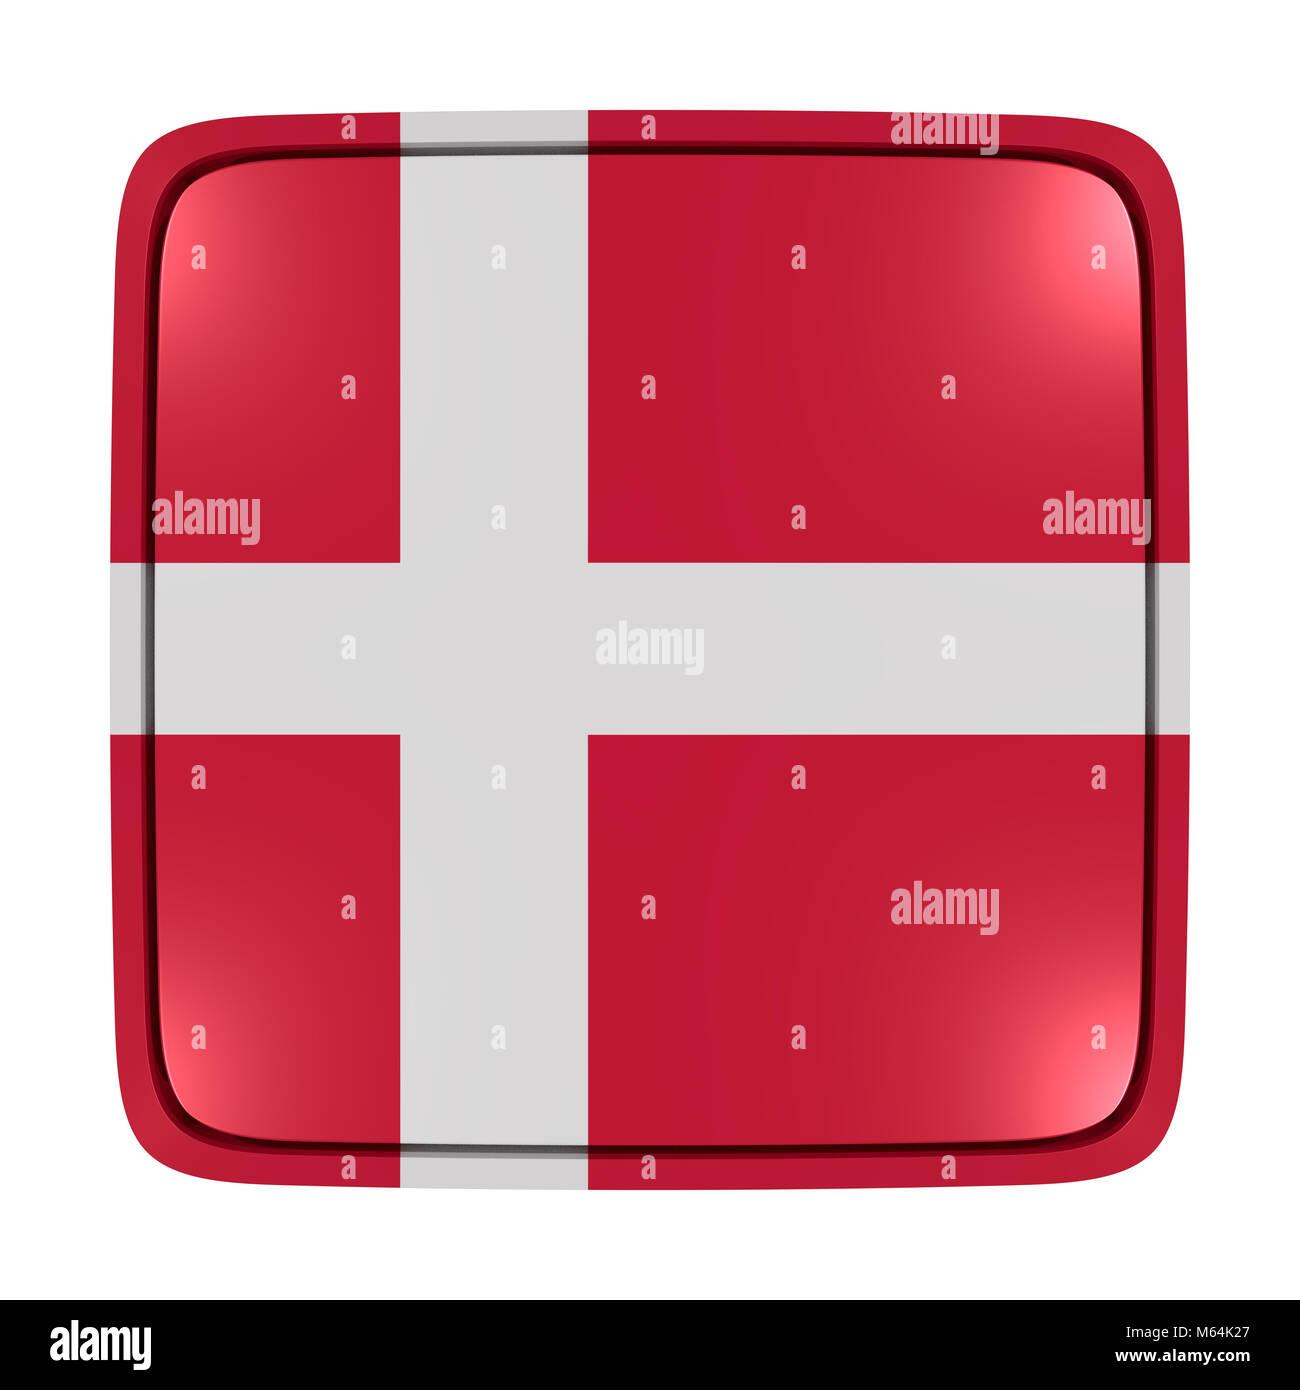 Representación 3D de un icono de bandera de Dinamarca. Aislado sobre fondo blanco. Foto de stock